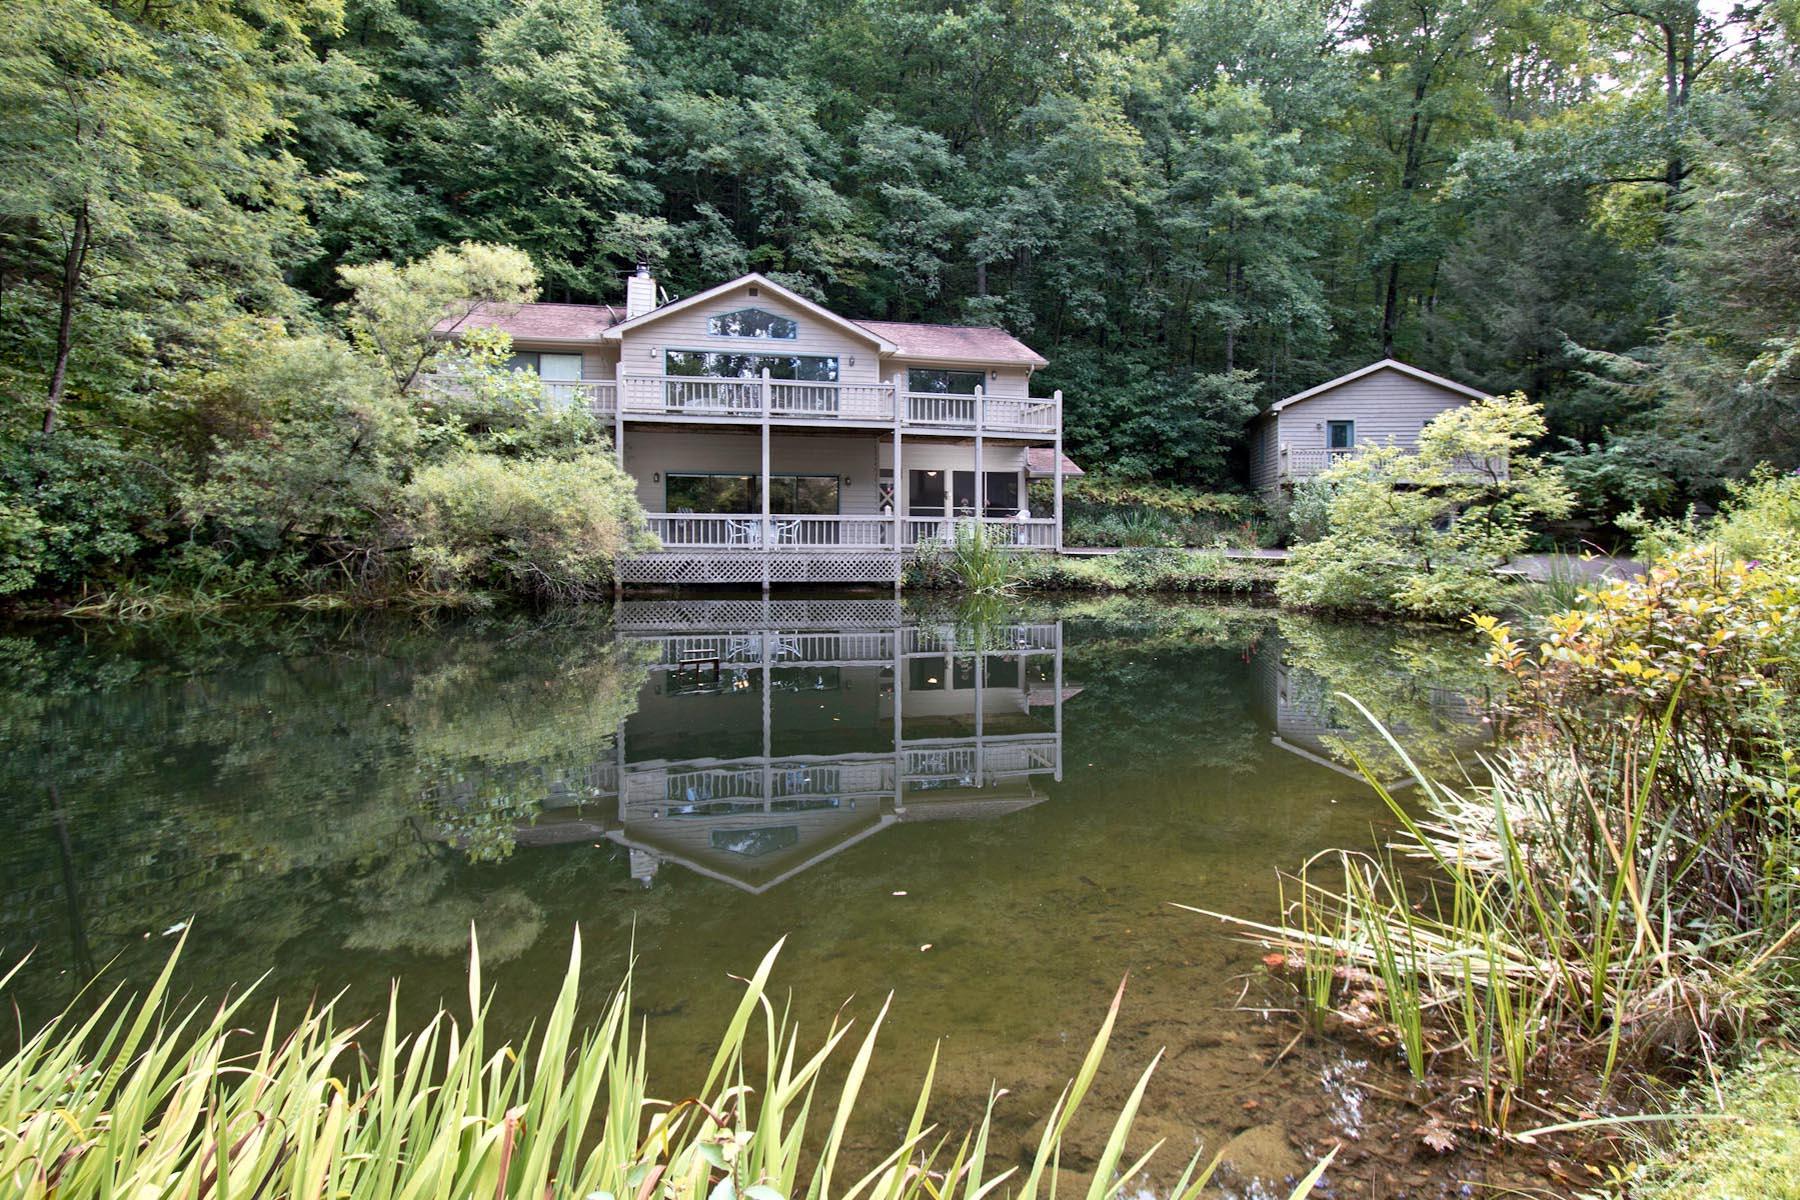 Частный односемейный дом для того Продажа на Samford 114 Four Ponds Dillard, Джорджия 30537 Соединенные Штаты